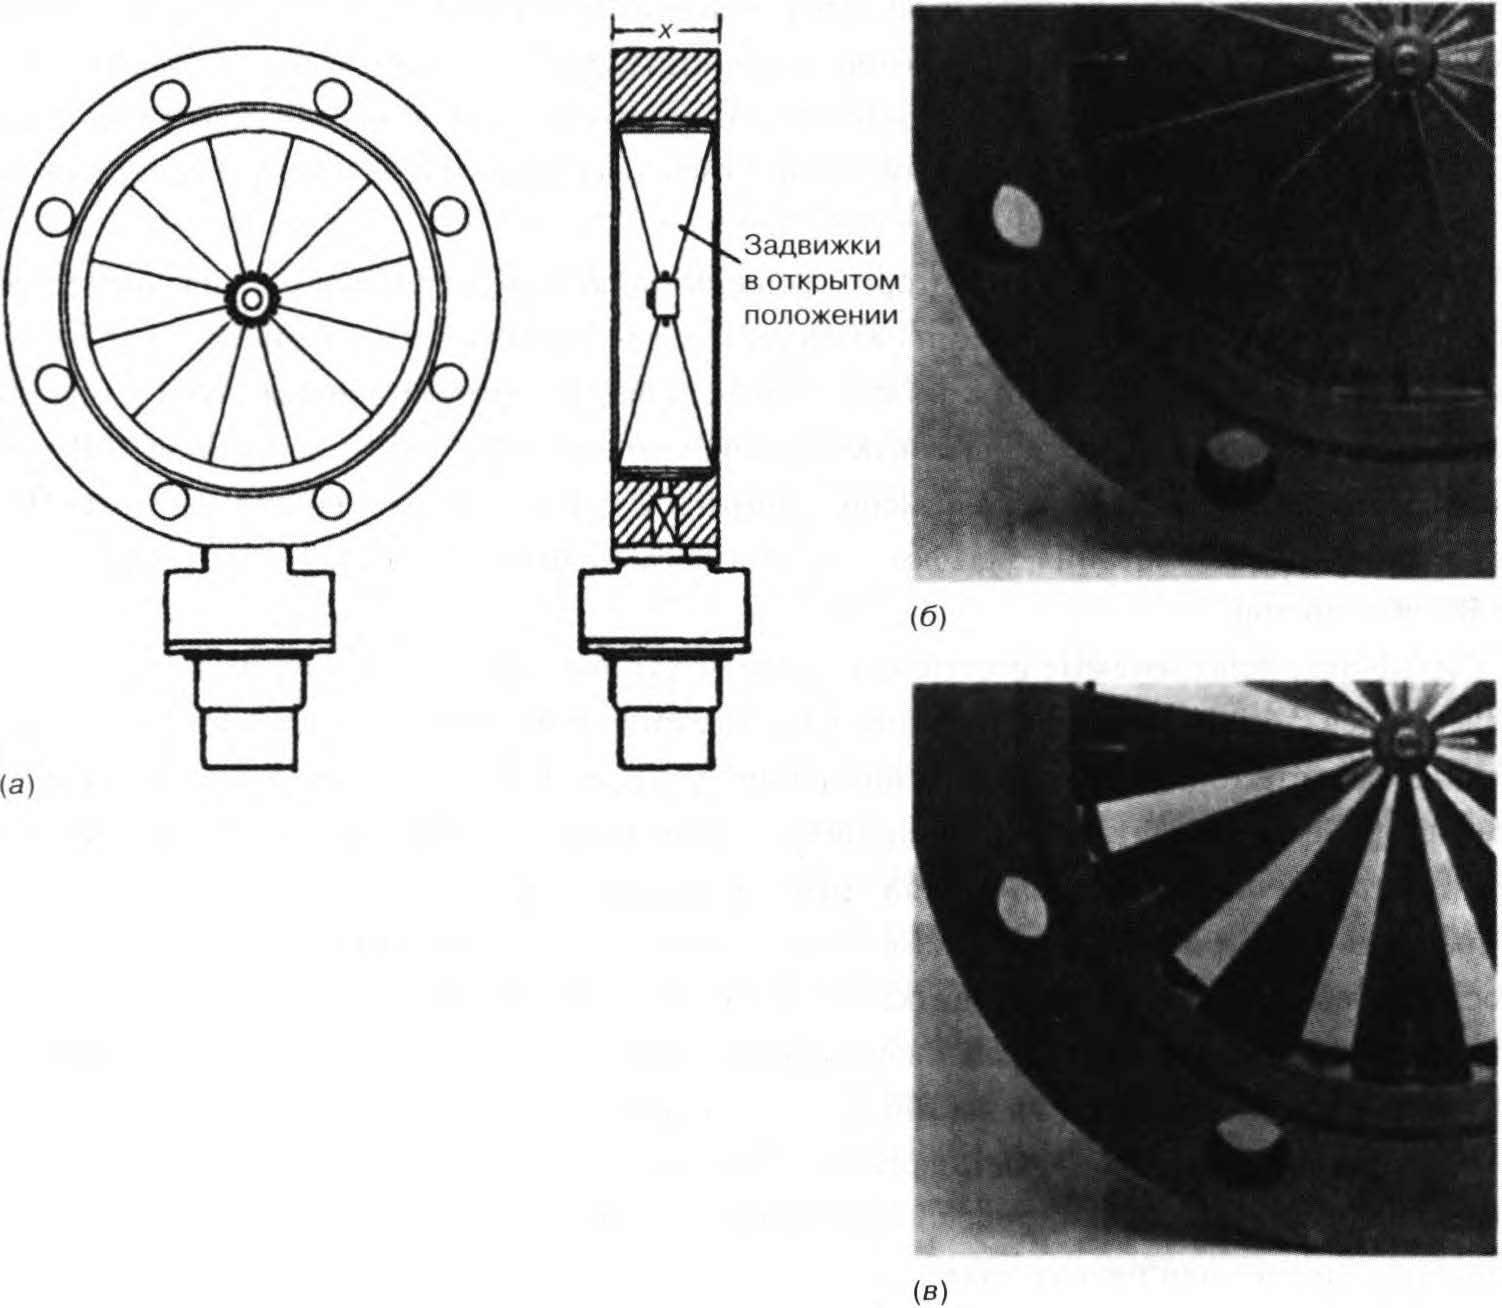 схема контрольного клапана